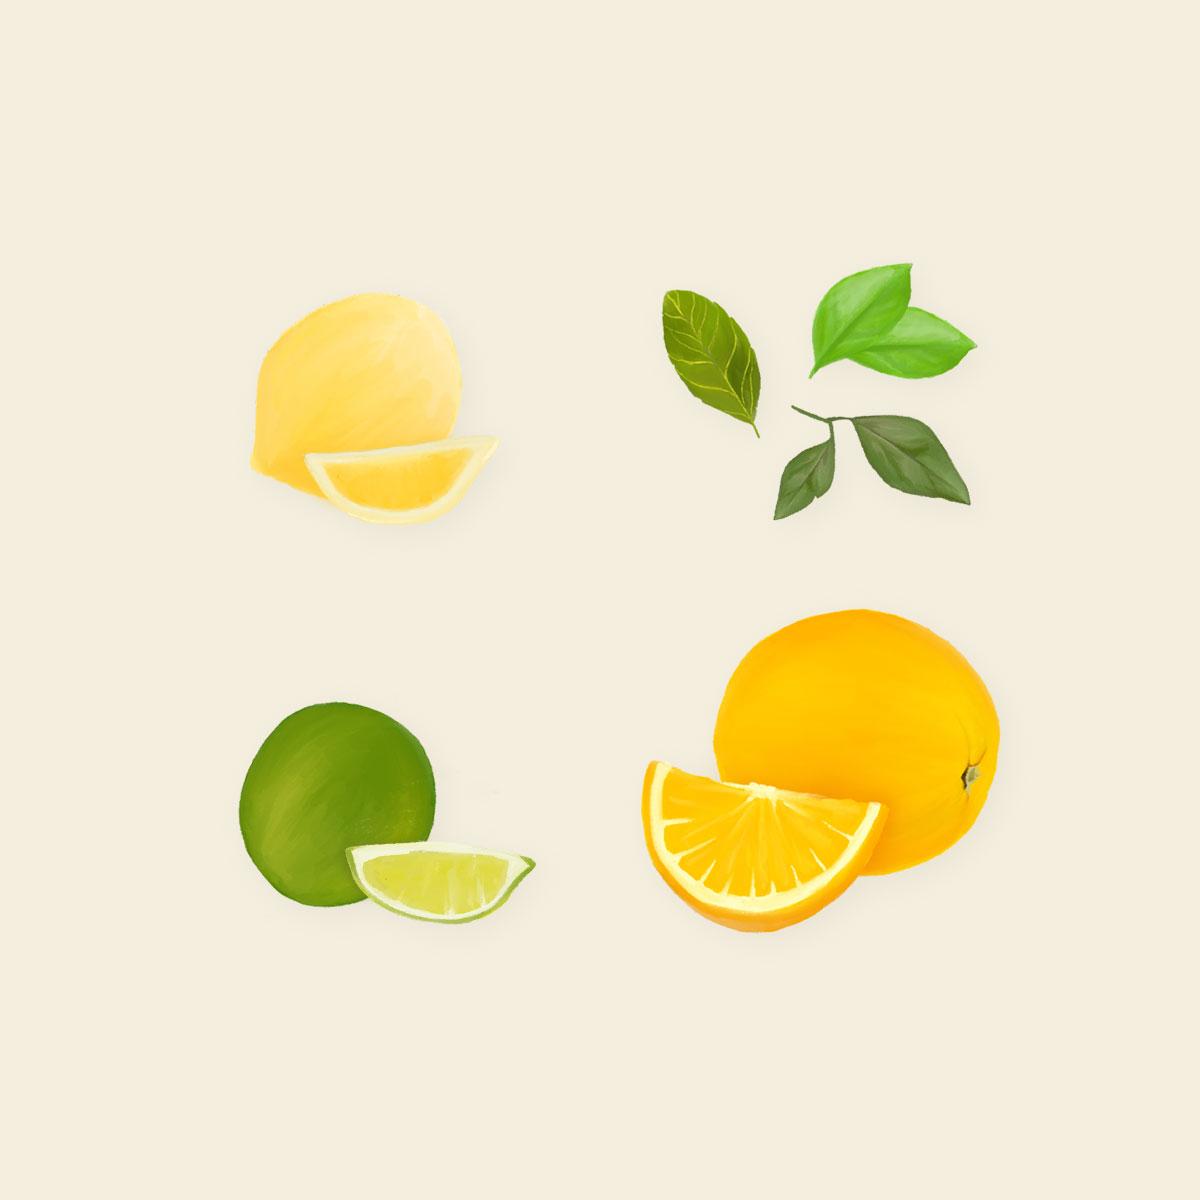 Squeeze the Day - alle Zitrusfrüchte einzeln!